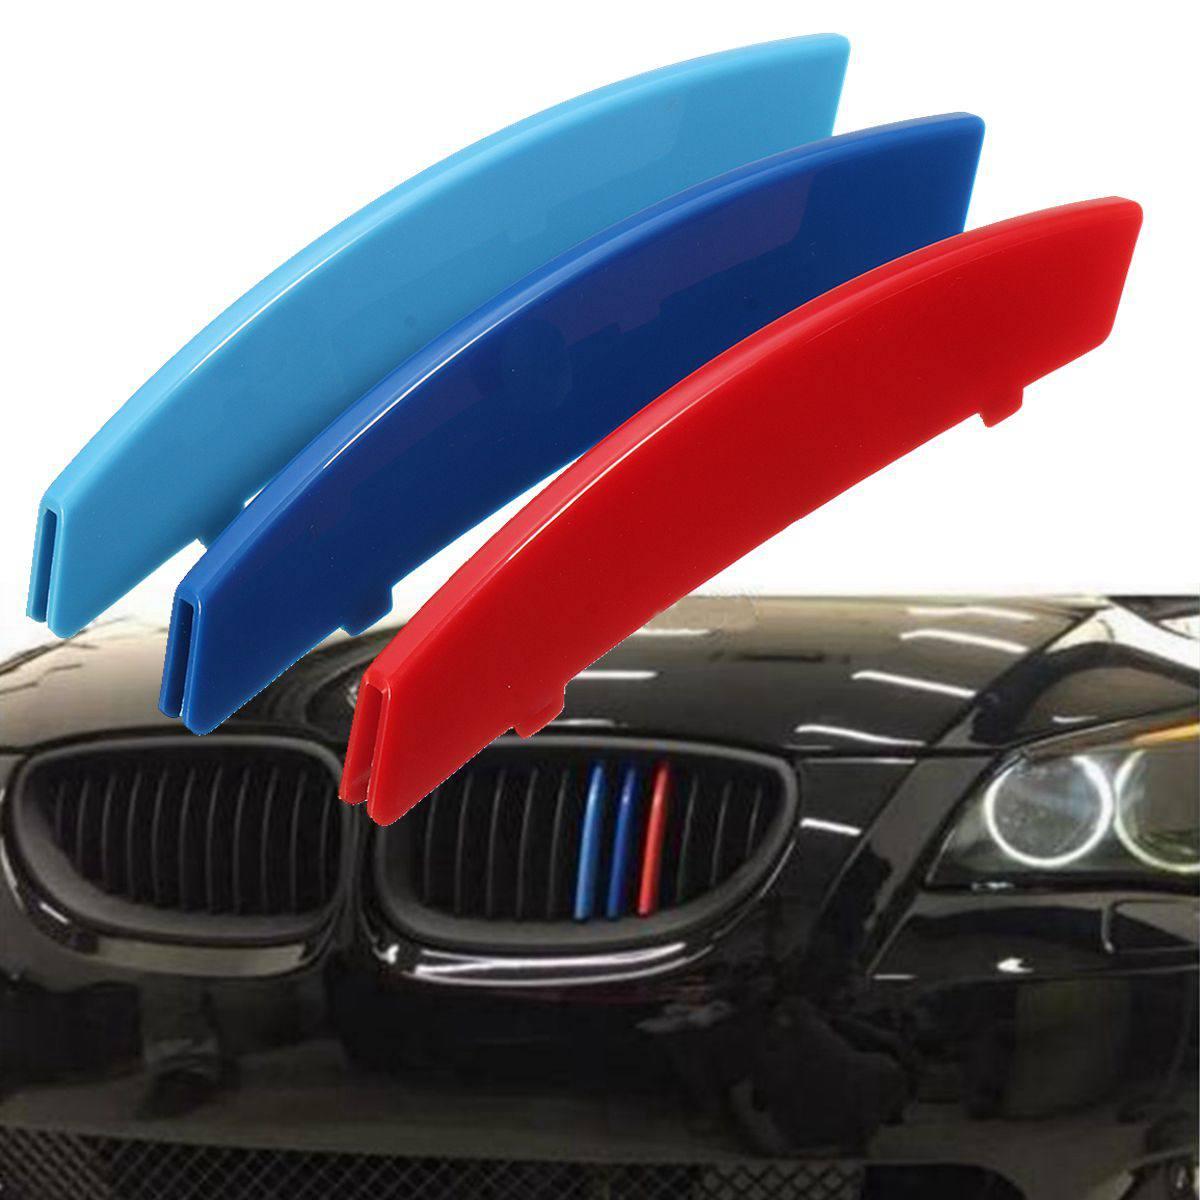 3pcs 3D Grelha De Corrida Esporte Tarja Clipe ABS Decalque Do Carro Adesivo Para BMW Série 3 F30 F31 F35 E90 5 Série F10 F18 E60 X5 X6 E70